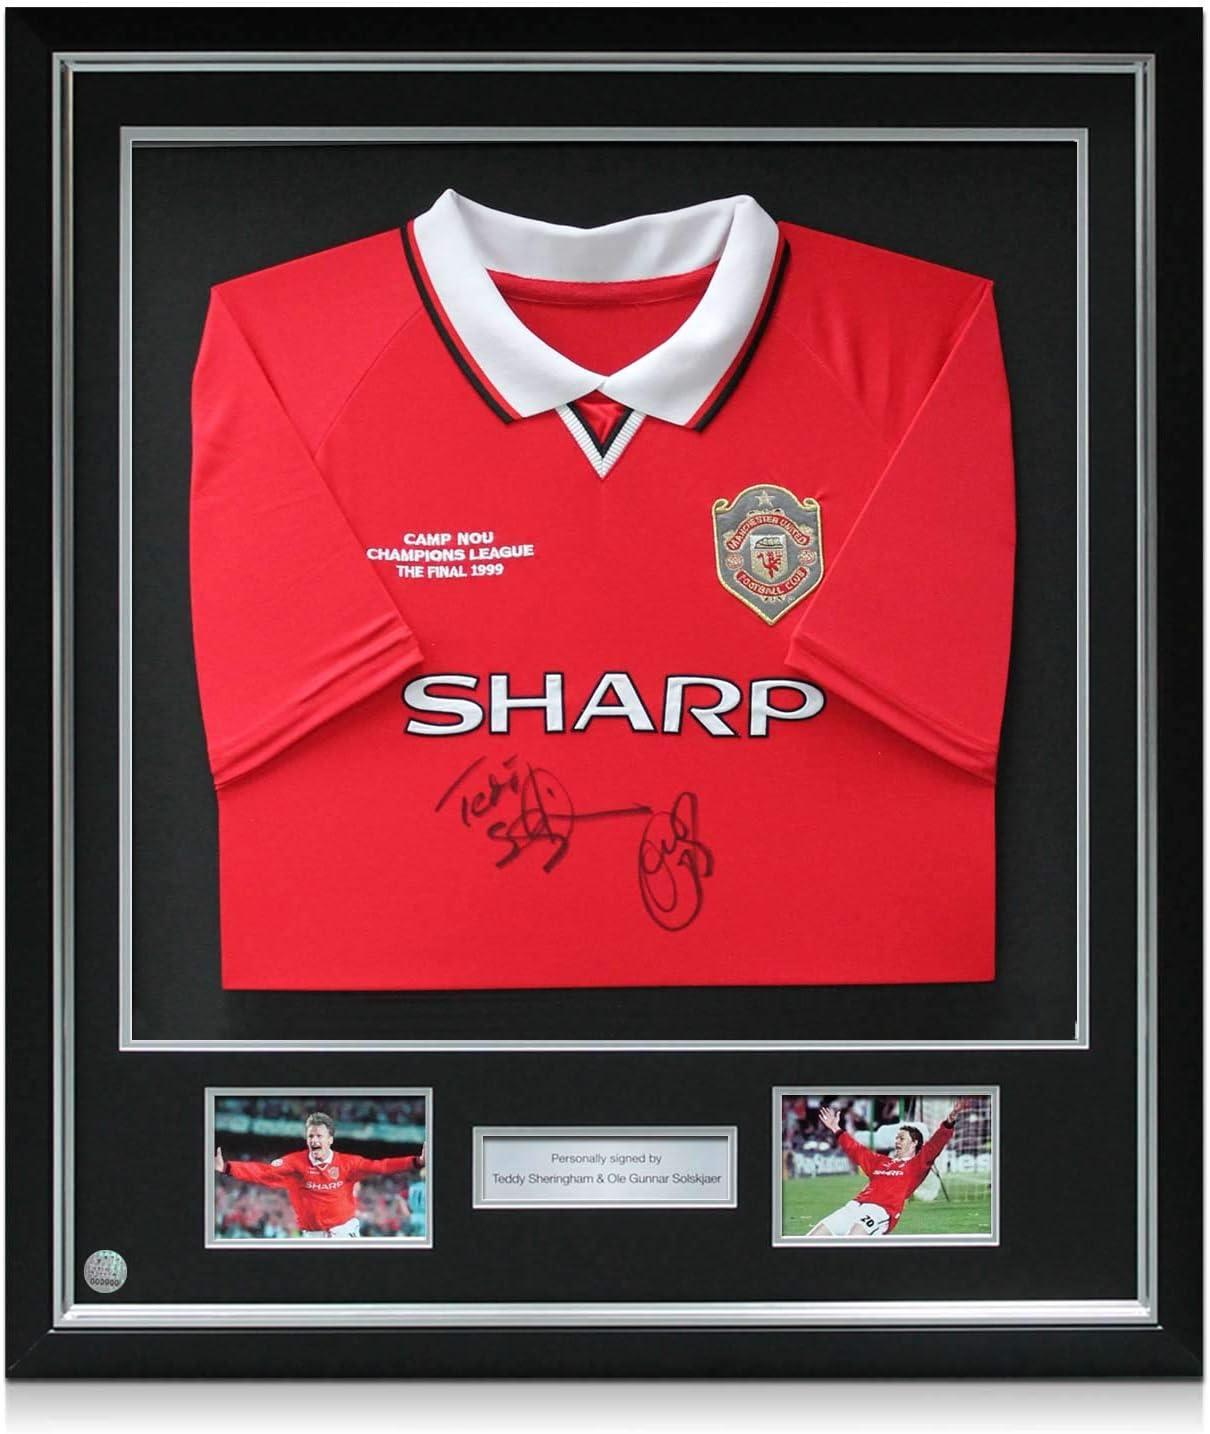 exclusivememorabilia.com Camiseta del Manchester United firmada por Teddy Sheringham y Ole Gunnar Solskjaer. Marco: Amazon.es: Deportes y aire libre